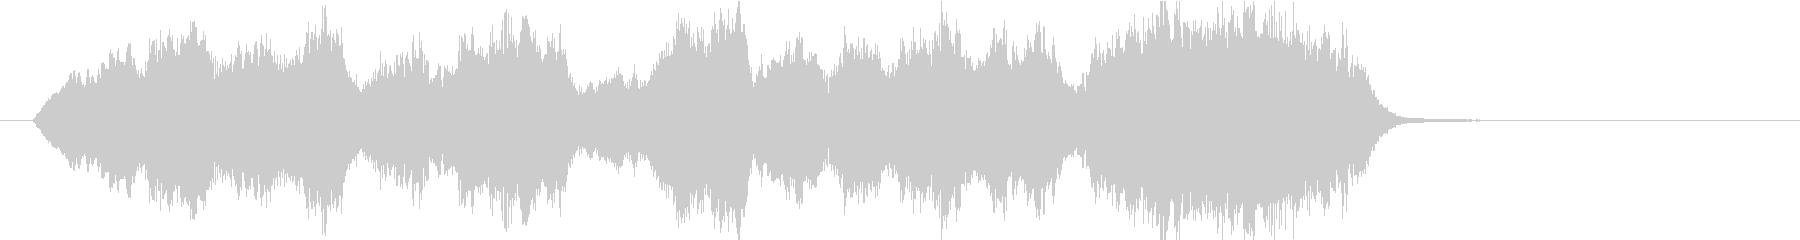 15秒CM向け 感動の弦楽四重奏の未再生の波形